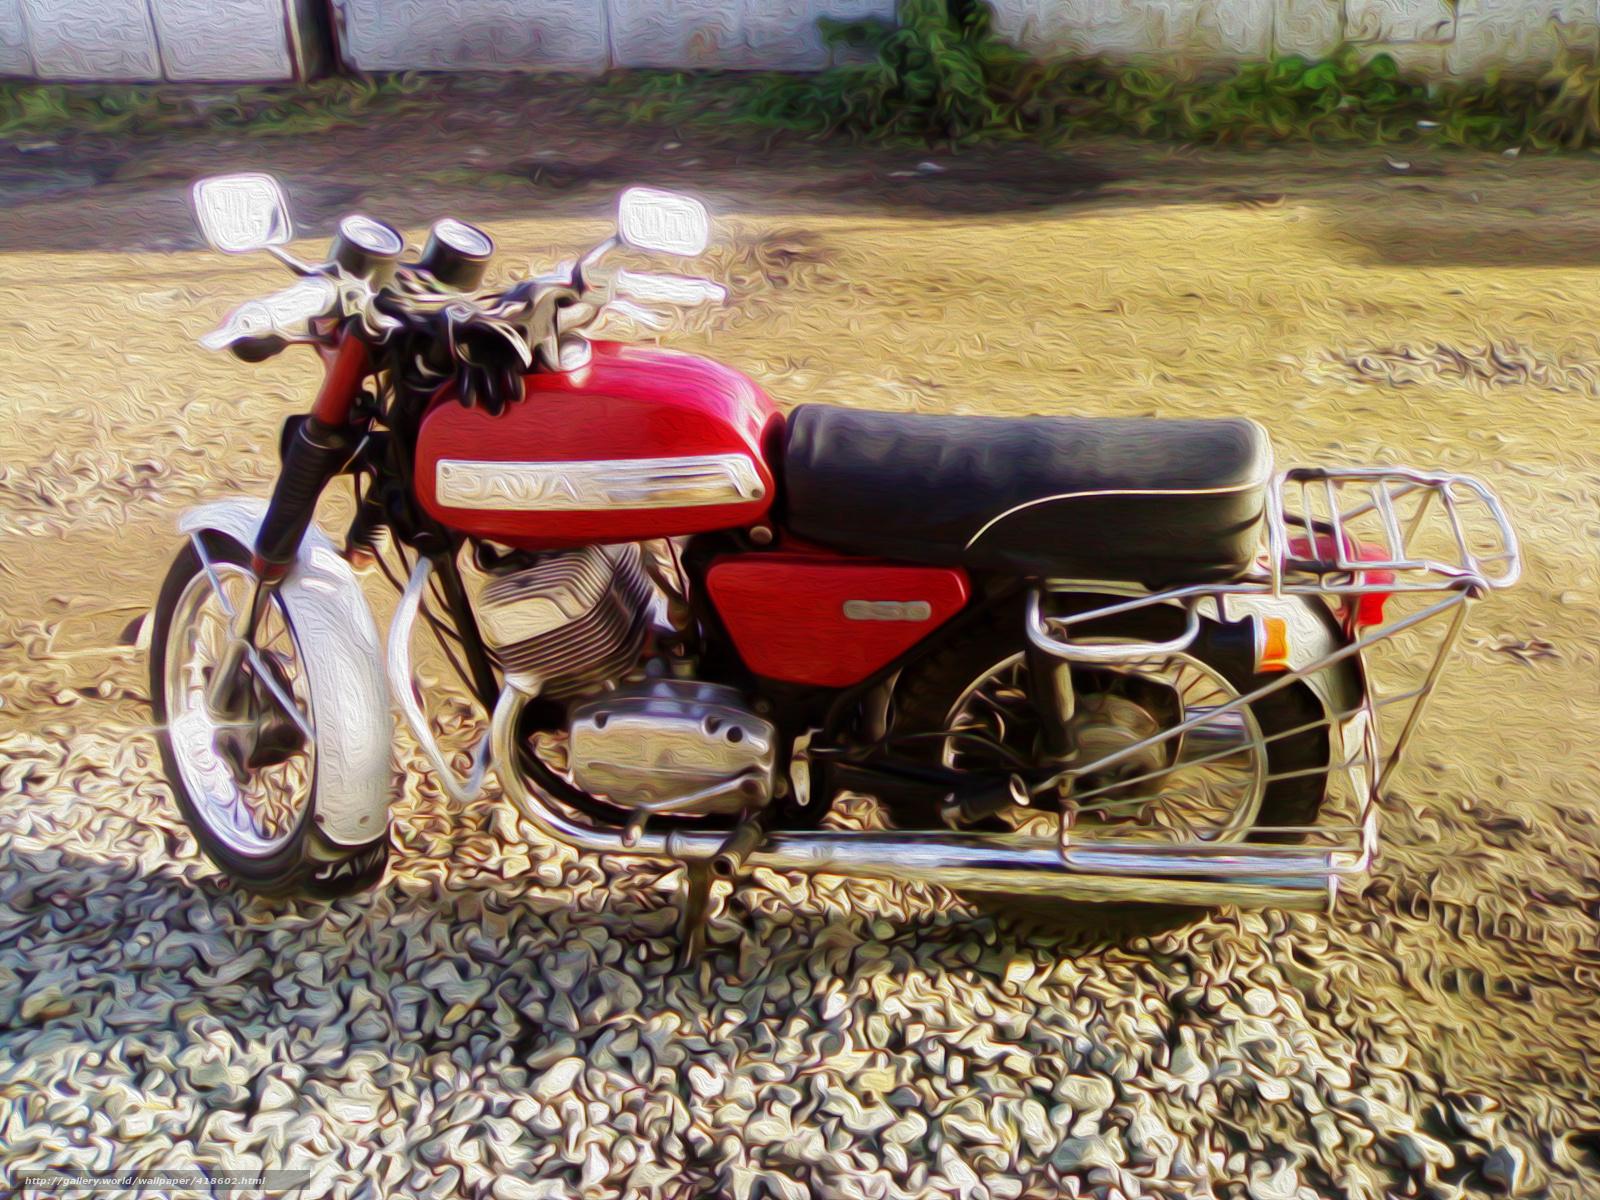 Фото Мотоцикла Ява 350 Люкс